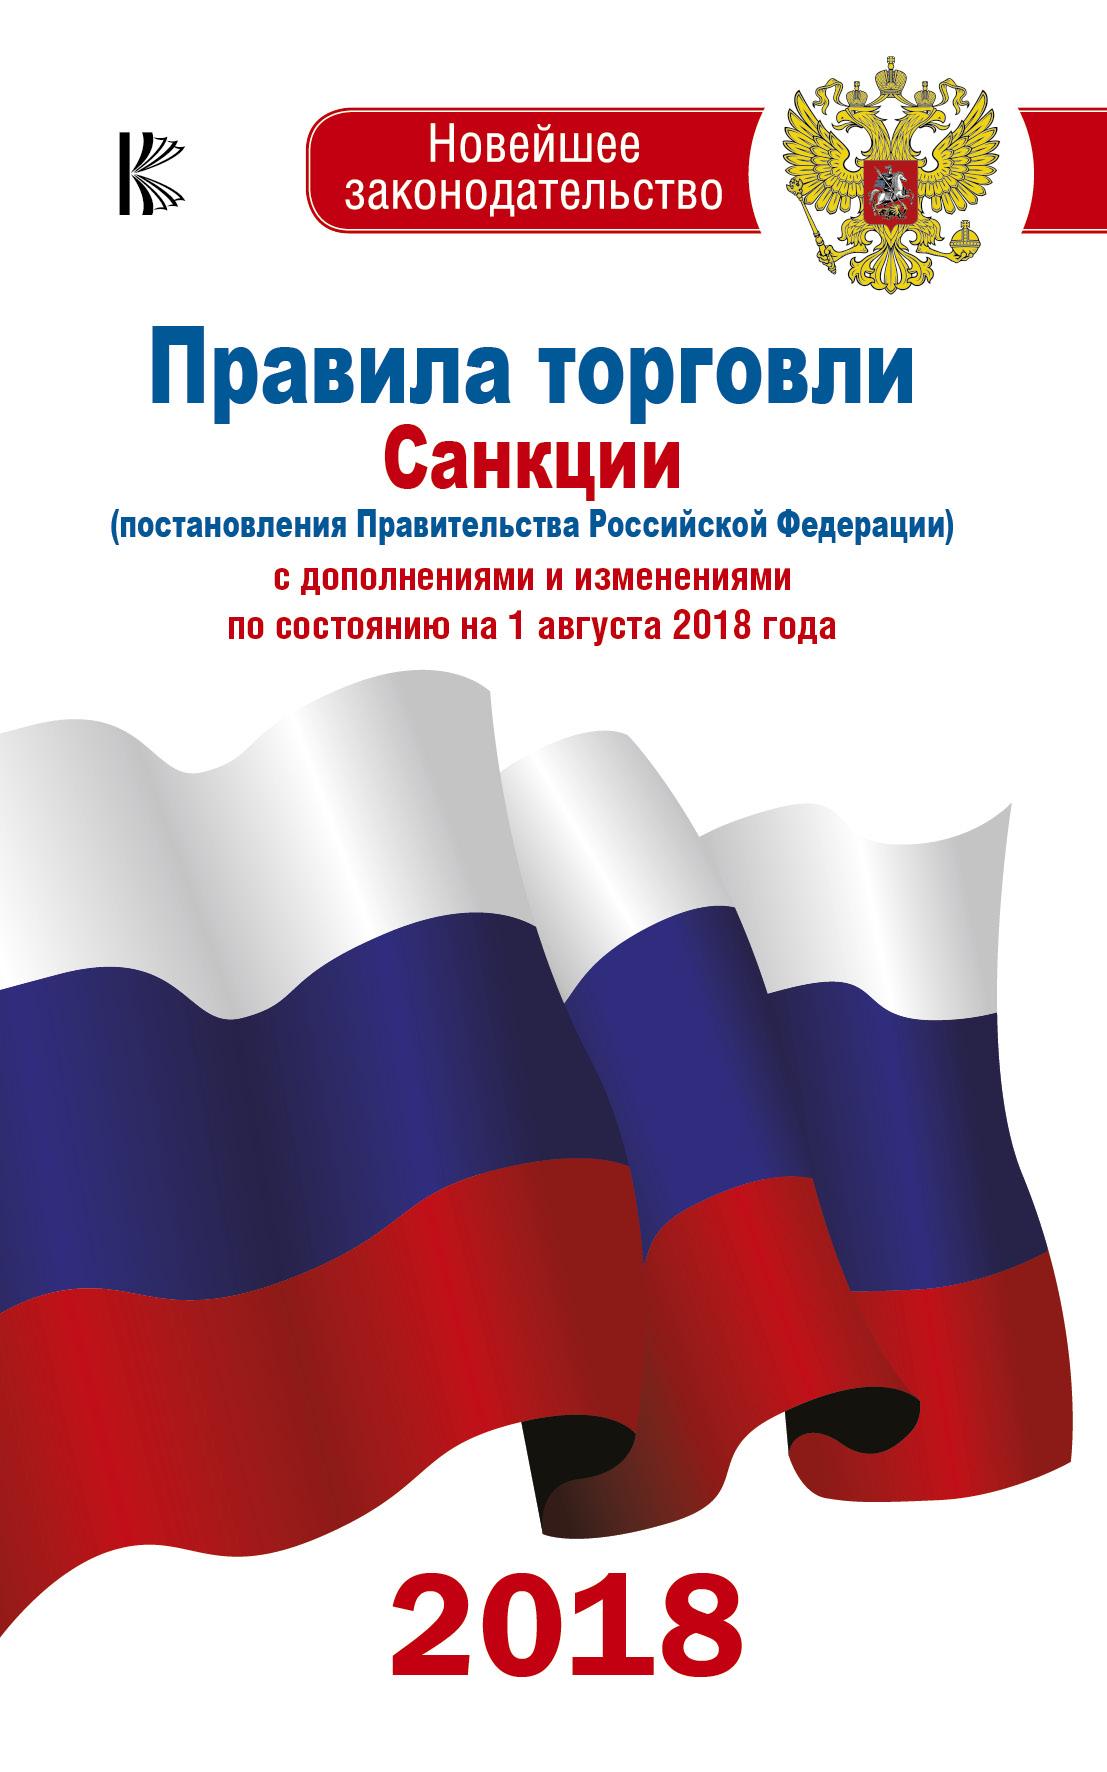 Коллектив авторов Правила торговли. Санкции (постановления Правительства РФ) с дополнениями и изменениями на 1 августа 2018 года